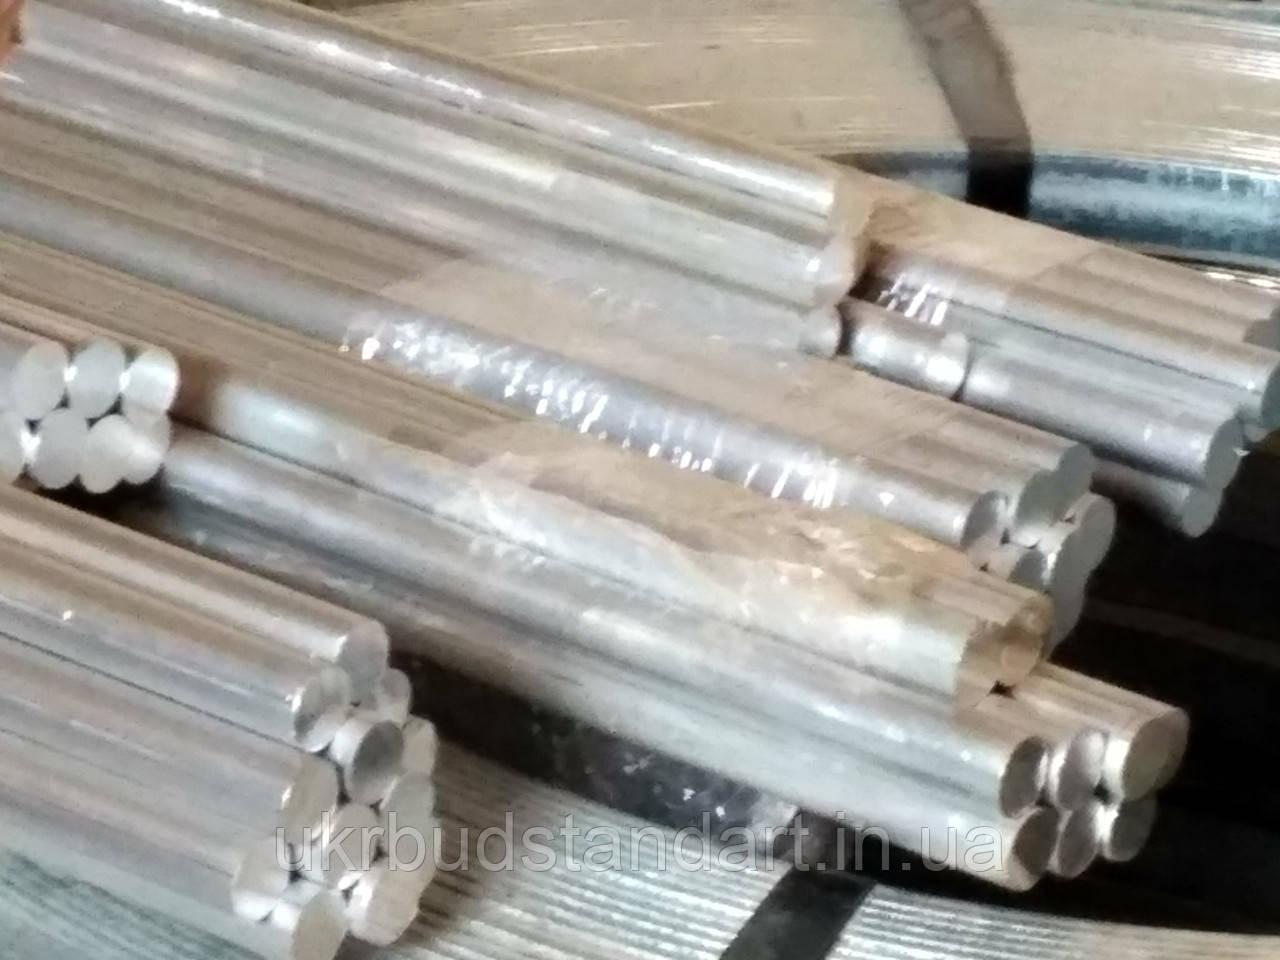 Прут алюминиевый ф 16